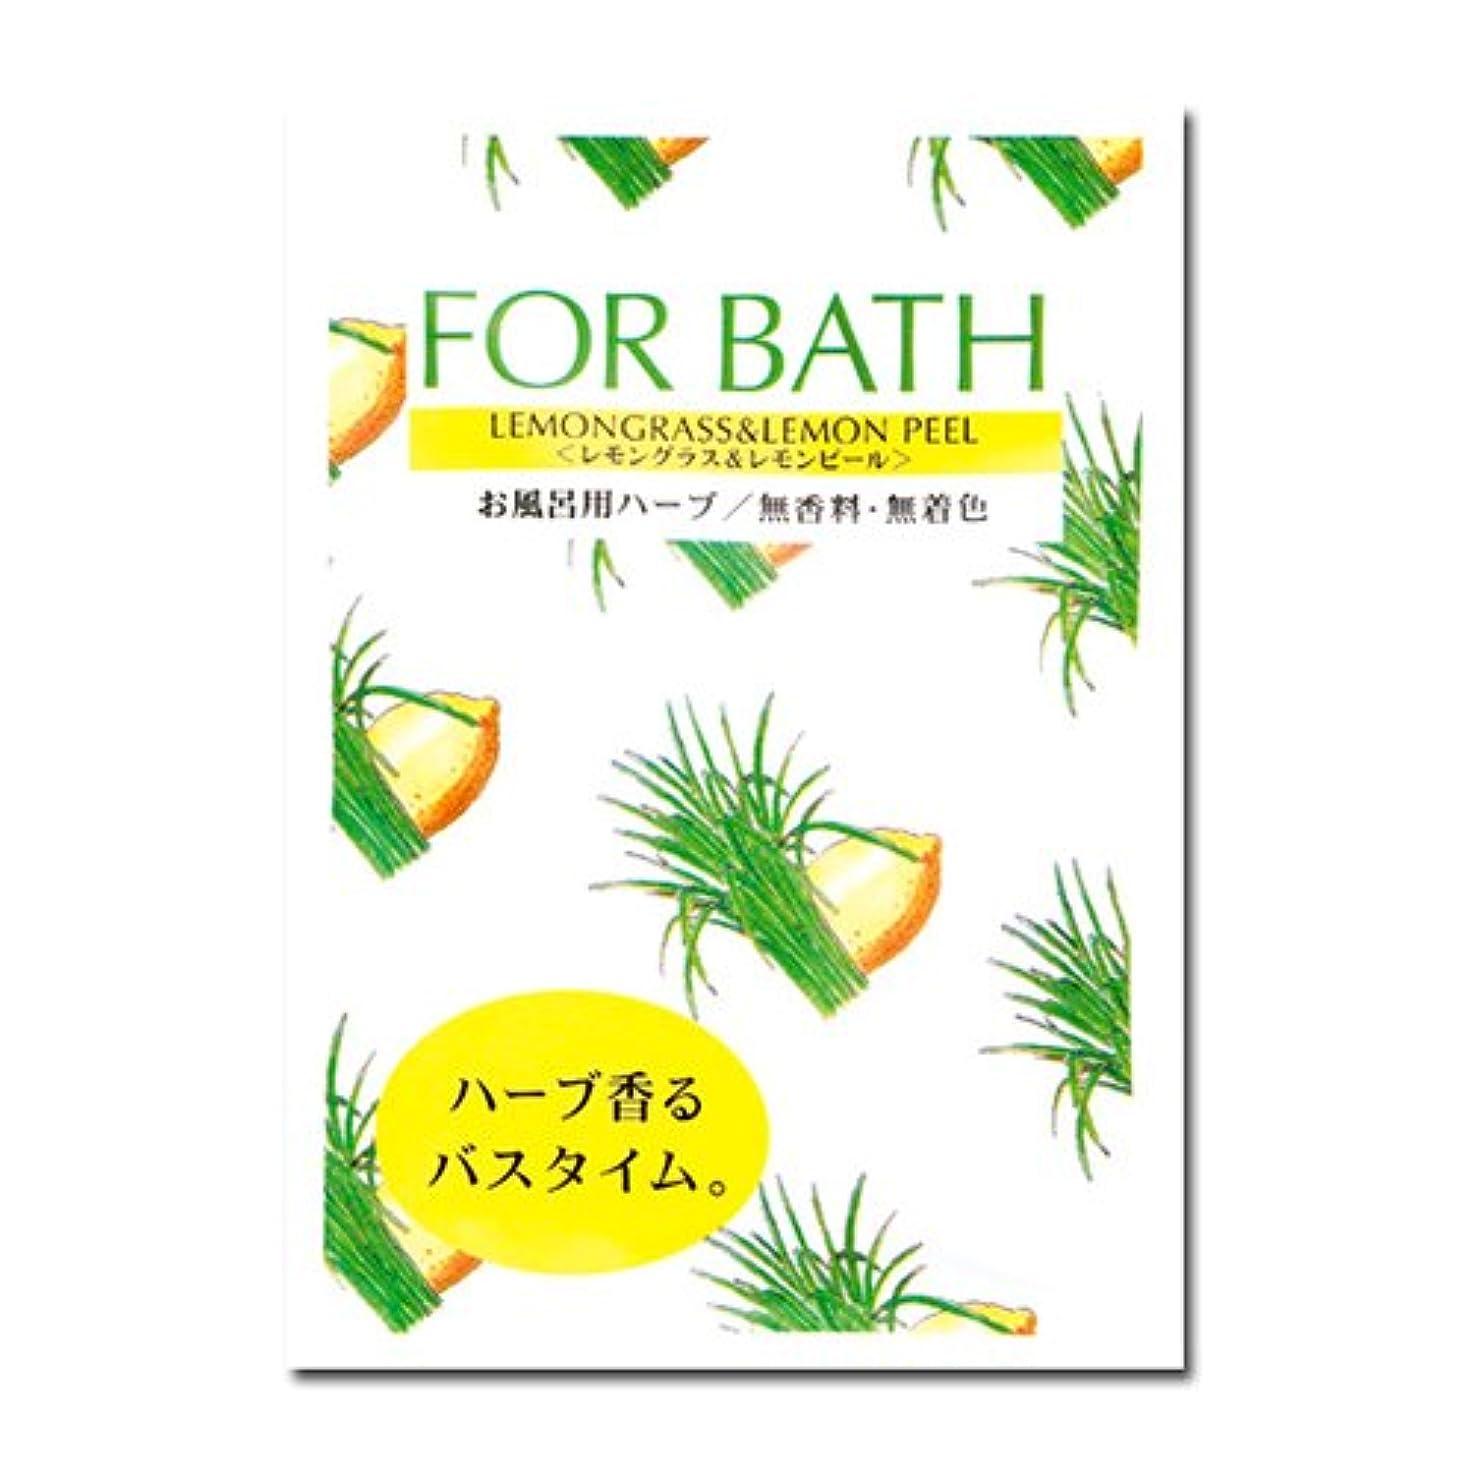 マイルド役割ジョガーフォアバス レモングラス&レモンピールx30袋[フォアバス/入浴剤/ハーブ]